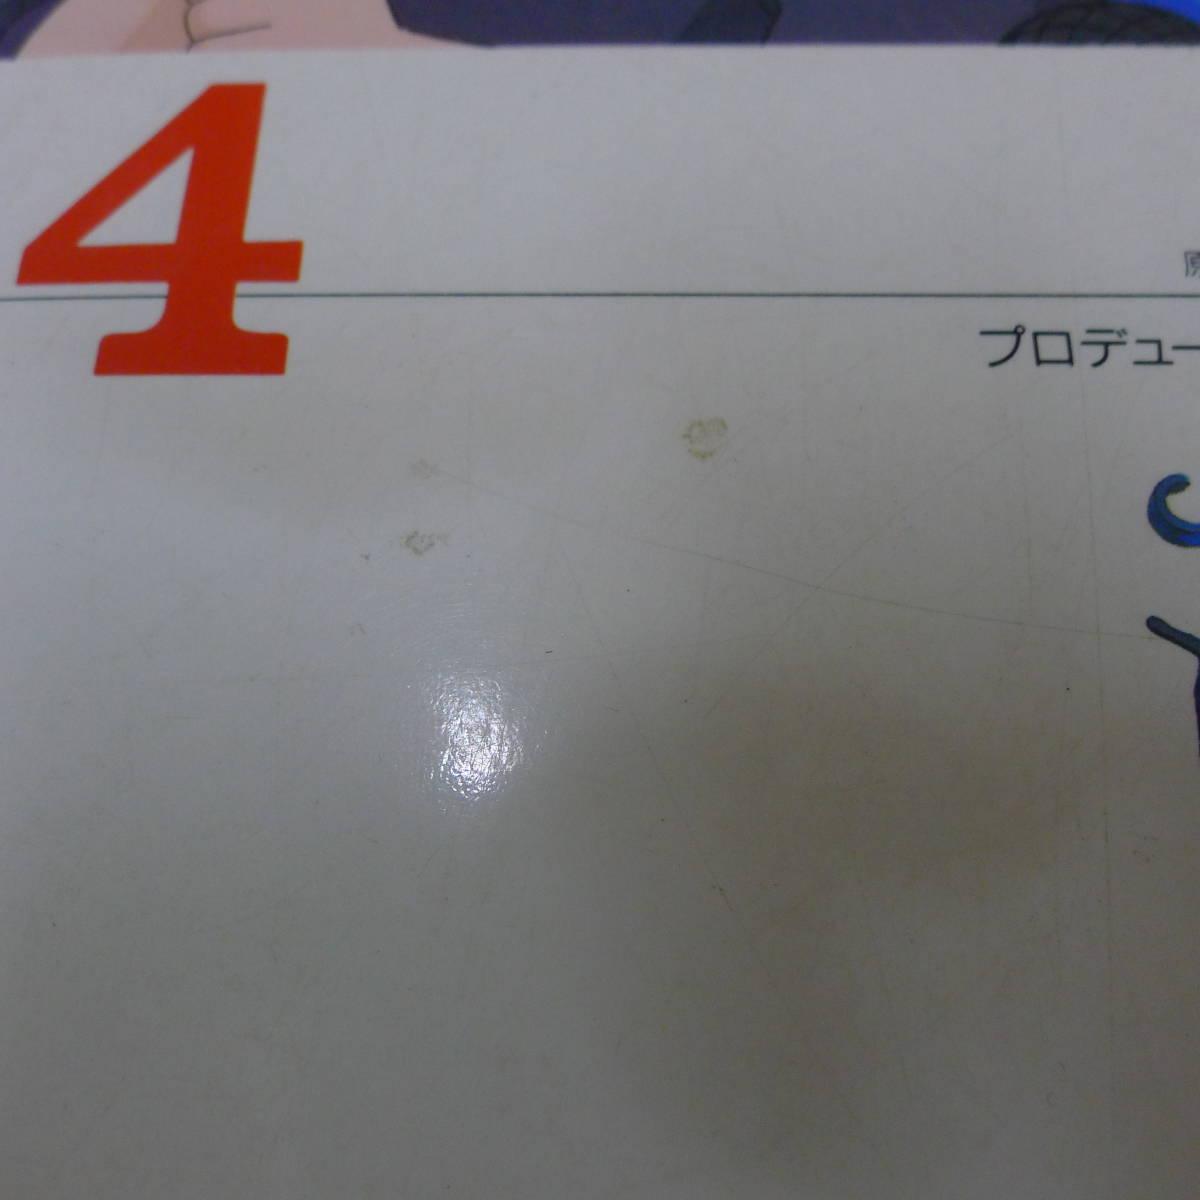 魔女の宅急便 宮崎駿 アニメージュ・コミックス・スペシャル 全巻セット_画像8